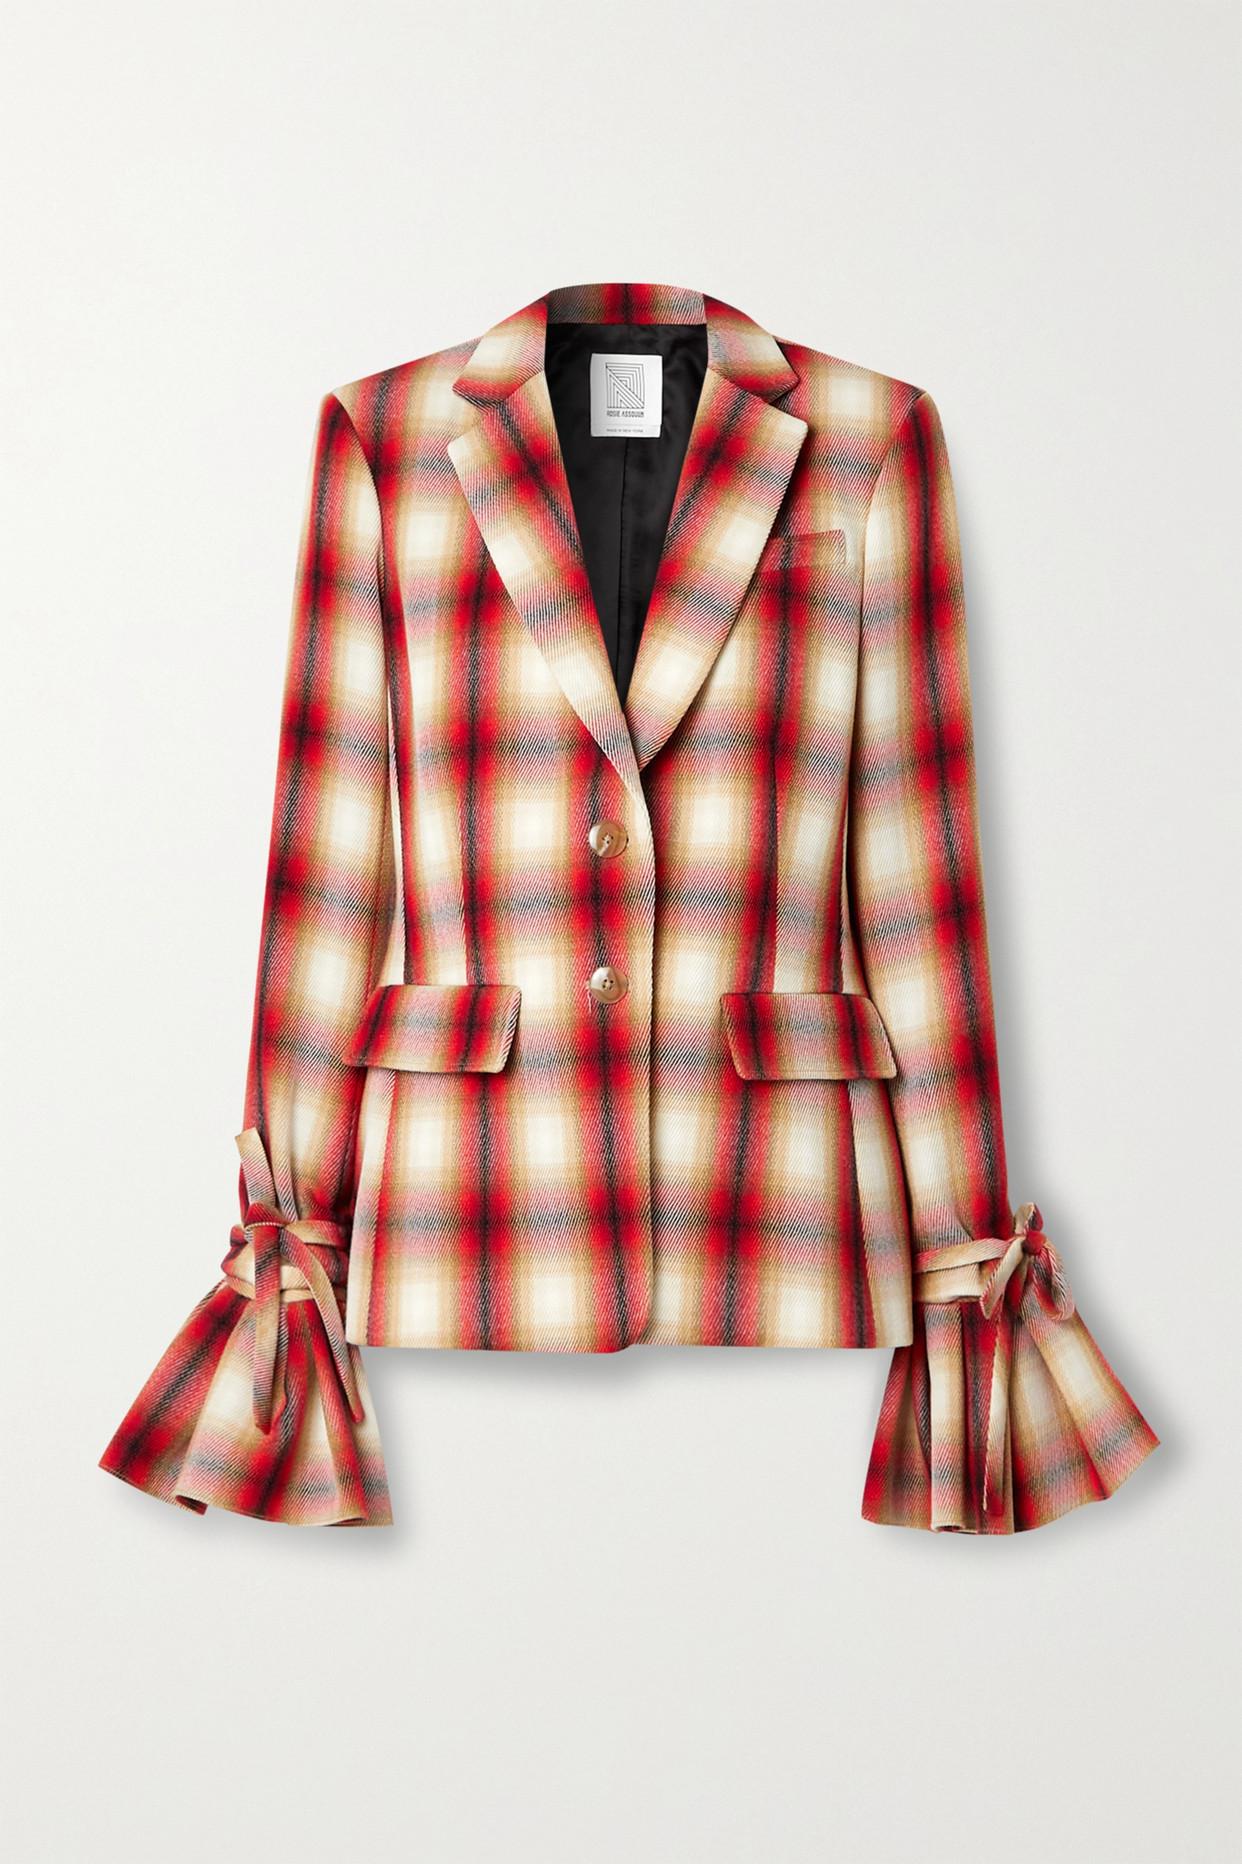 ROSIE ASSOULIN - Ruff Cuff 荷叶边格纹羊毛斜纹布西装外套 - 红色 - US0